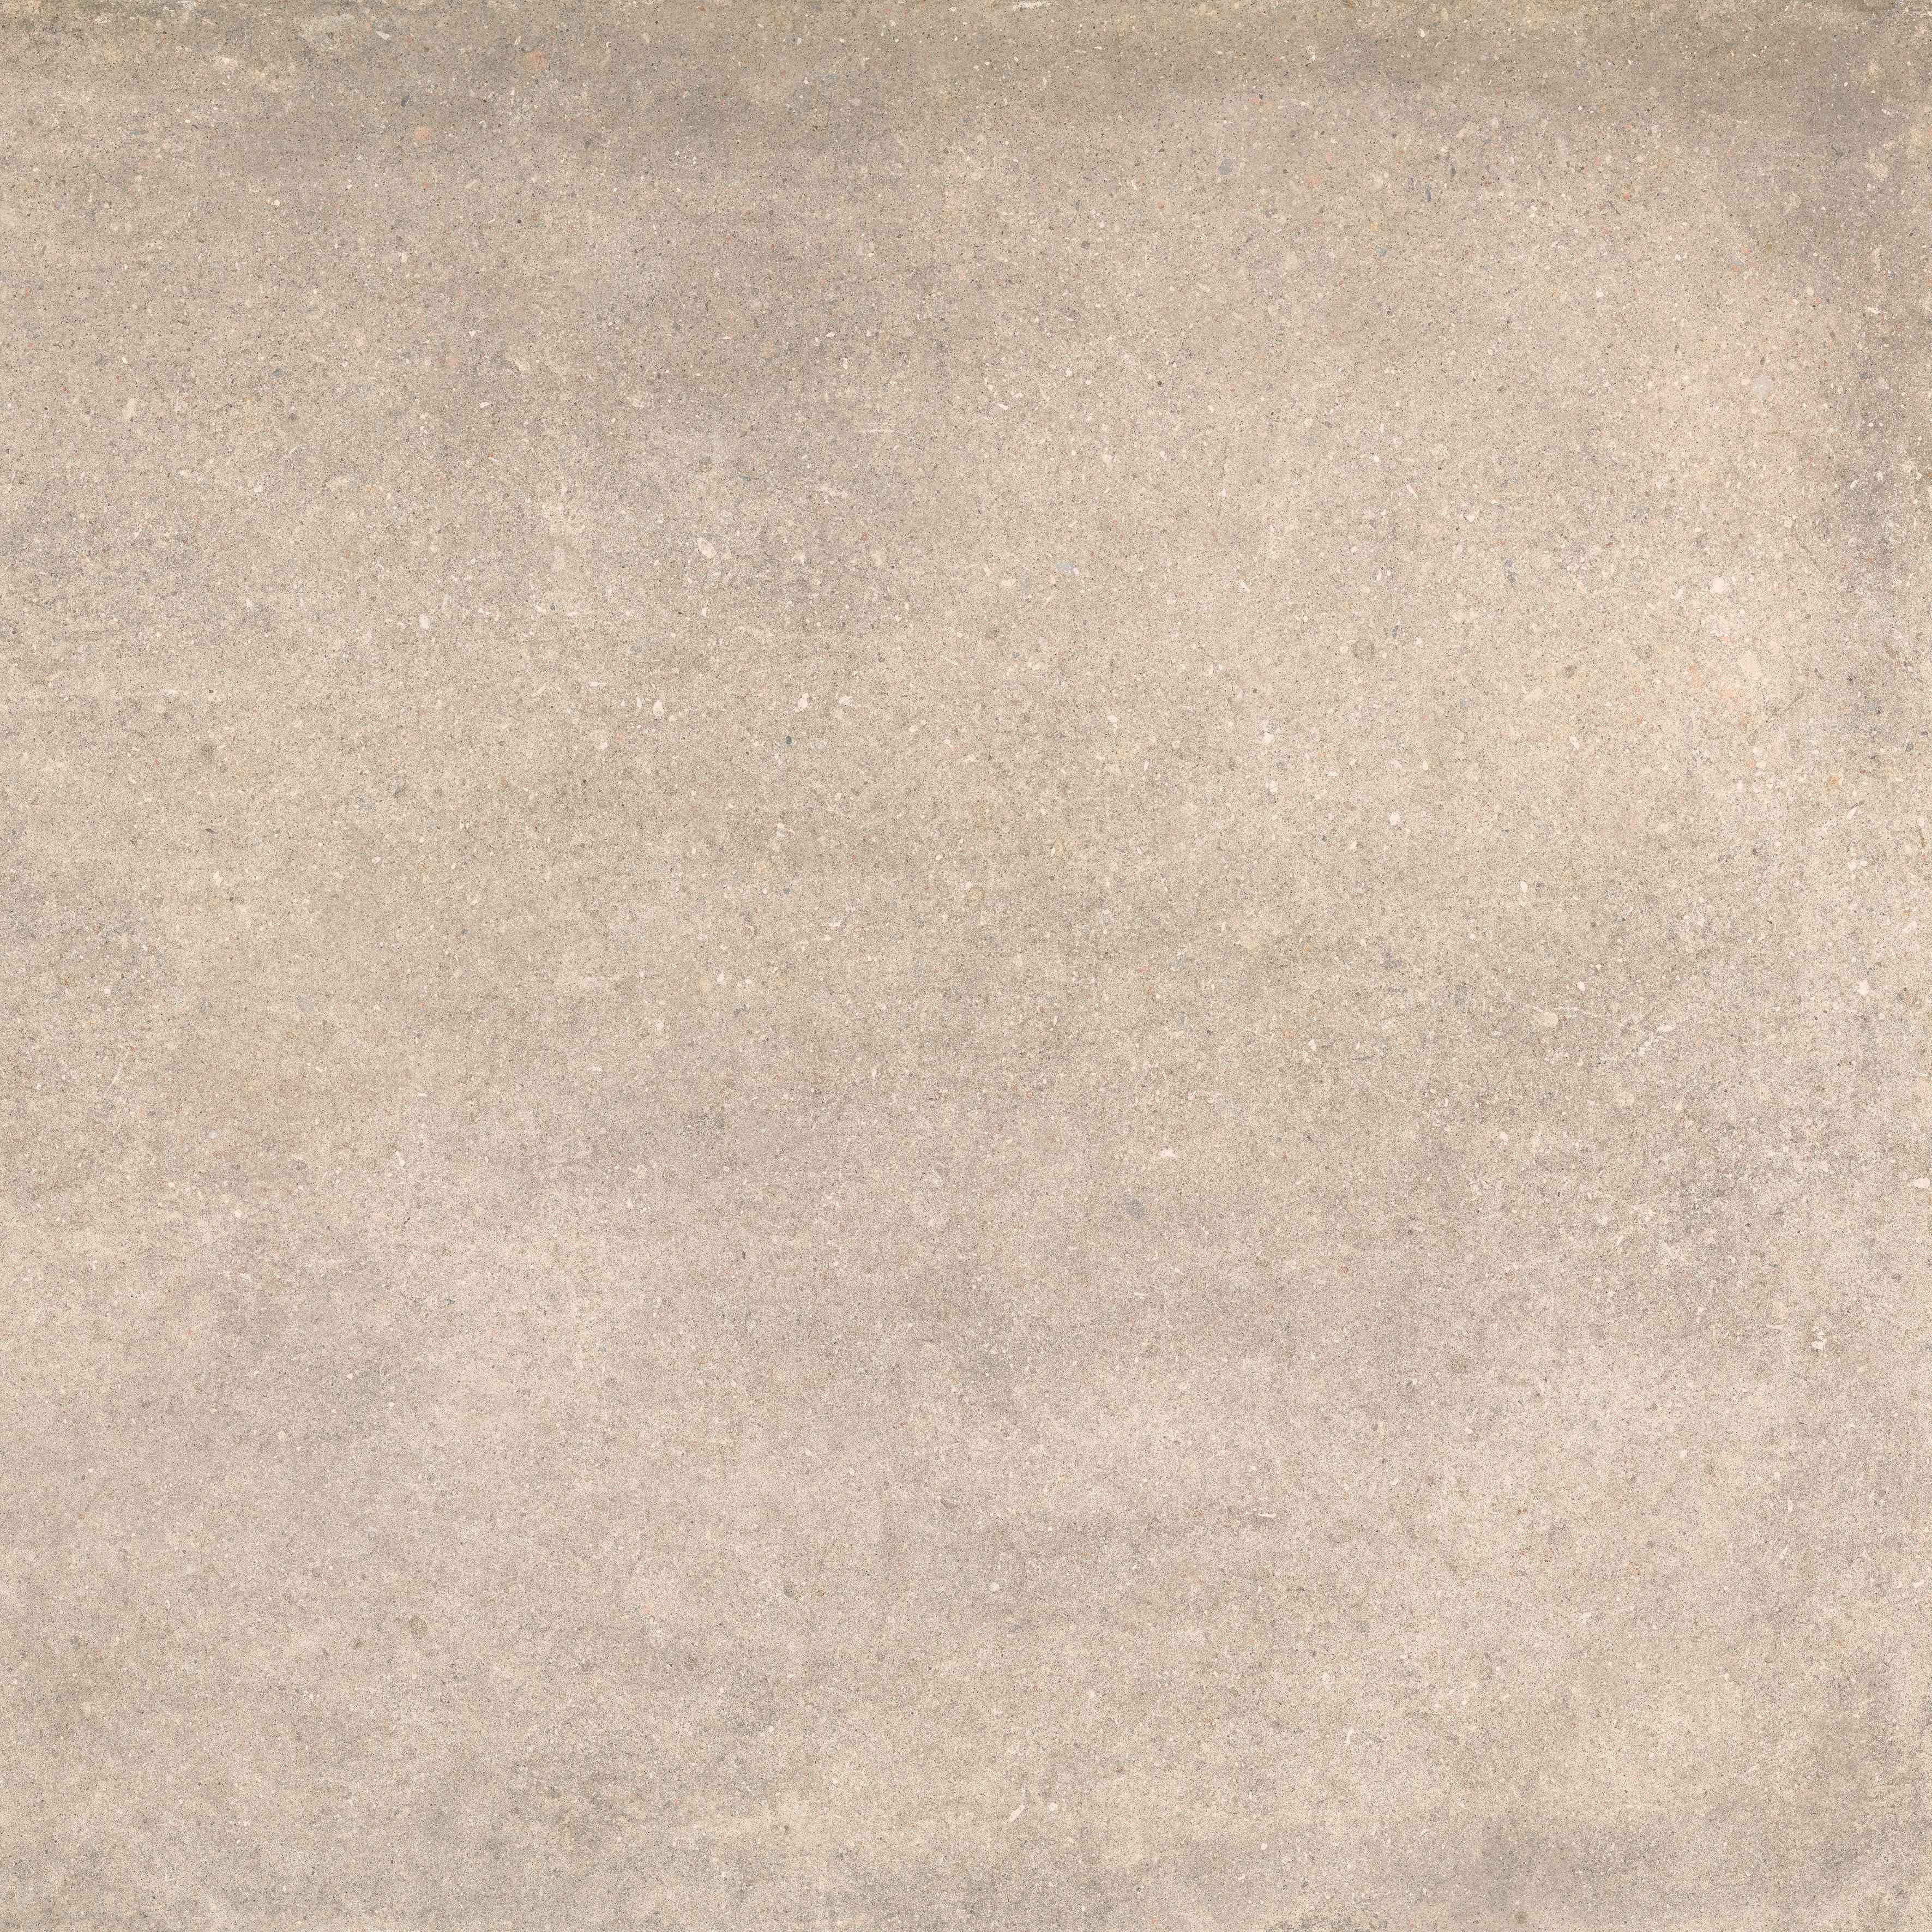 Керамогранит Zeus Ceramicа Concrete Sabbia 60х60 Zrxrm3r